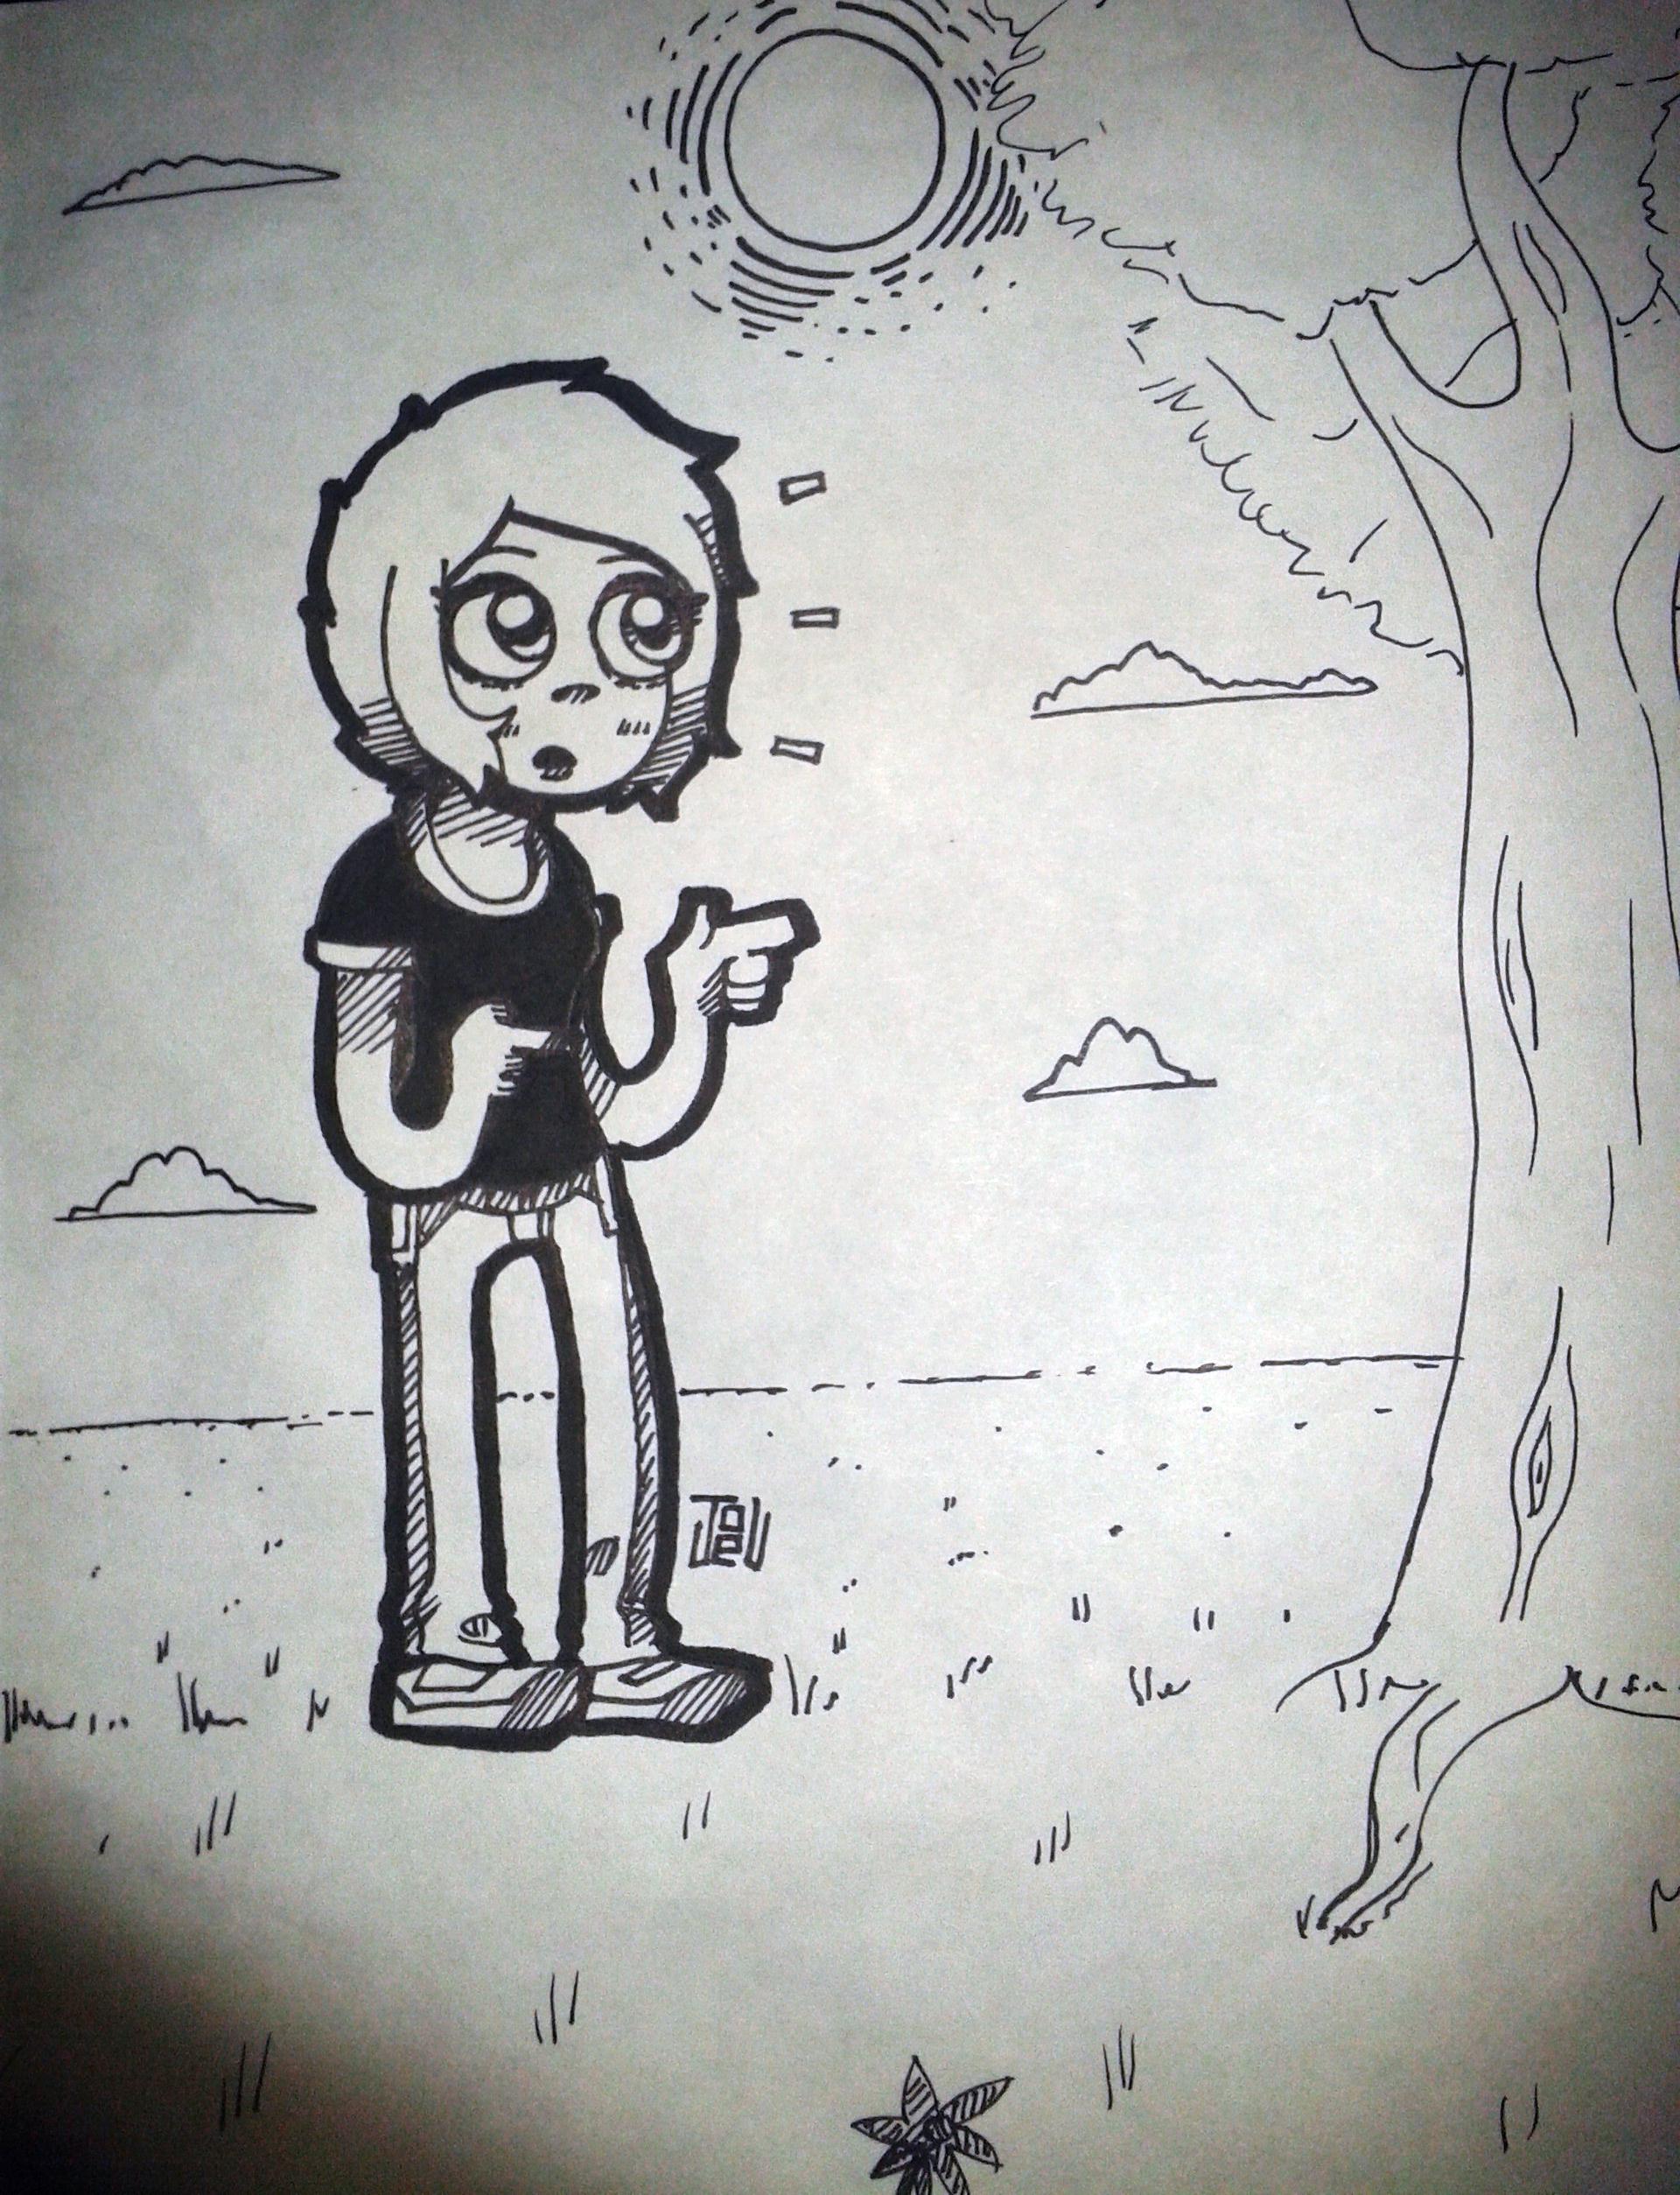 bitch doodle